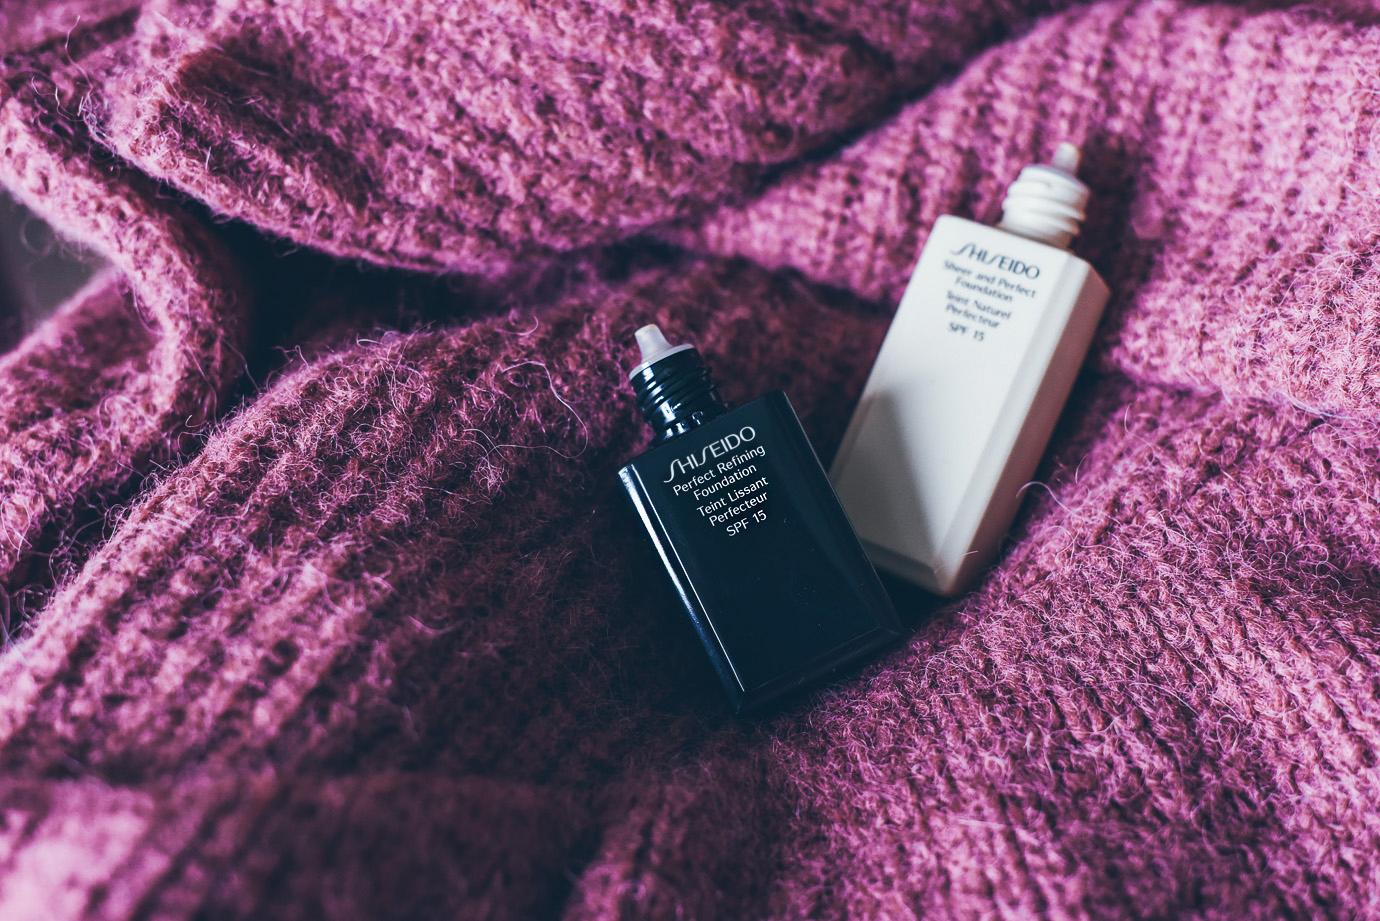 Shiseido_Make_Up_Finder_5